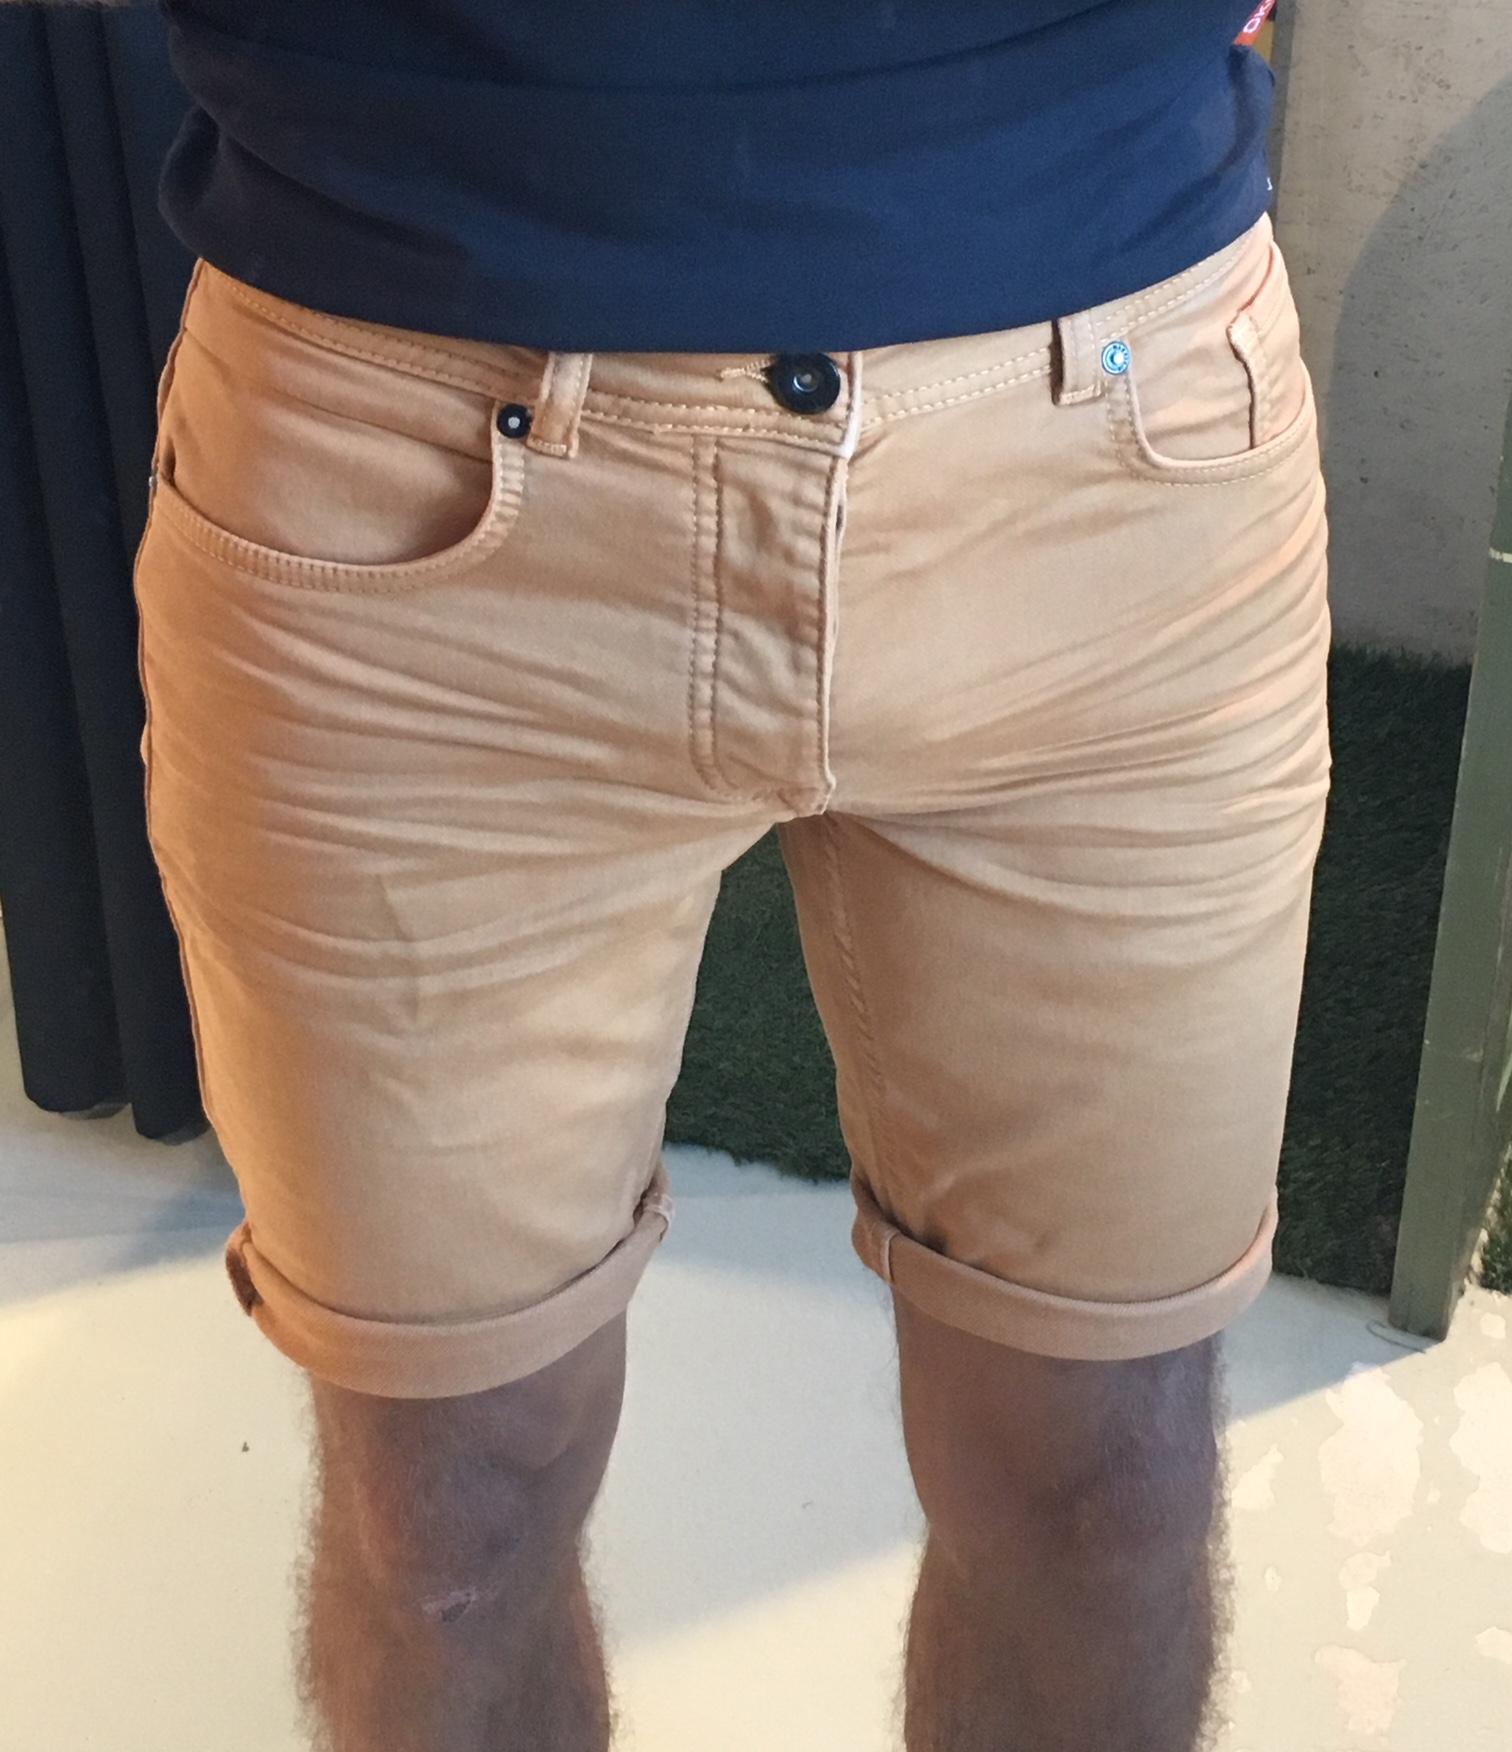 Korte Jeans Broek Heren.Jogg Jeans Korte Broek Heren Oranje Jogg Jeans Nl